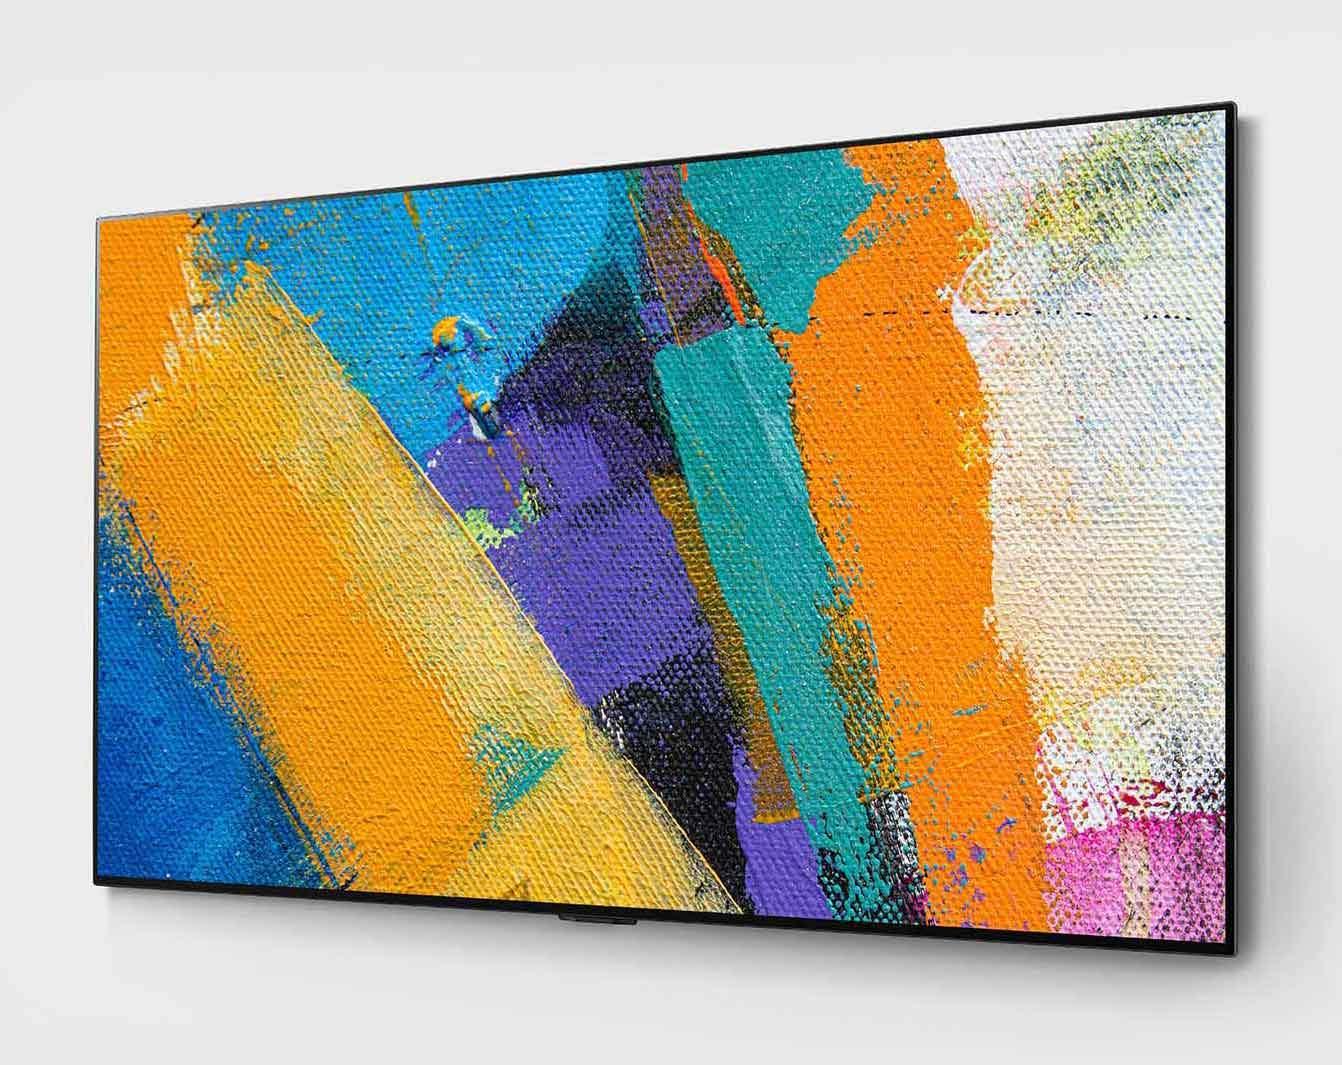 LG 55 inch GX OLED (Gallery) @ Bol.com